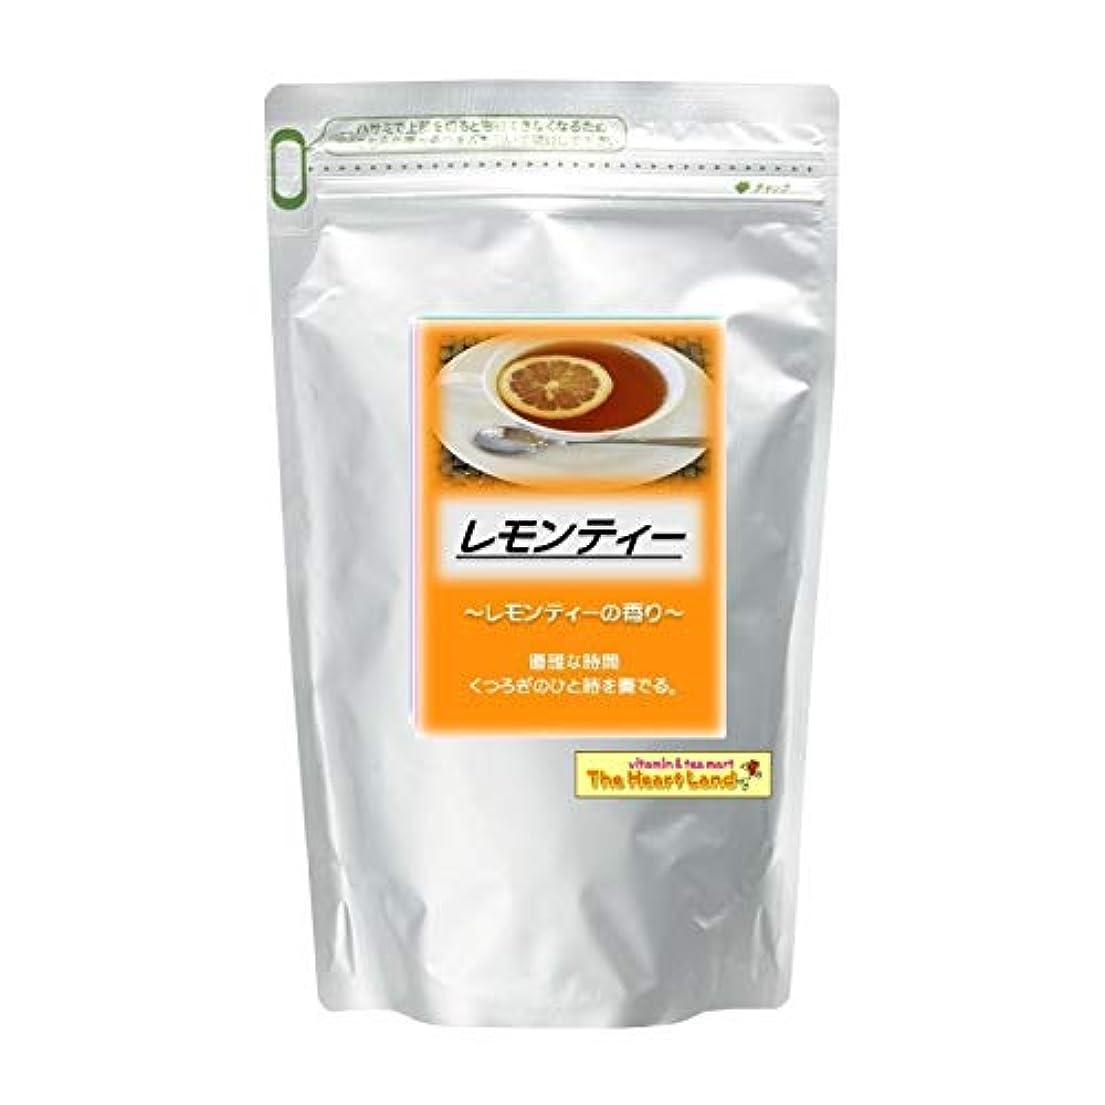 ダルセット一定なめらかなアサヒ入浴剤 浴用入浴化粧品 レモンティー 2.5kg